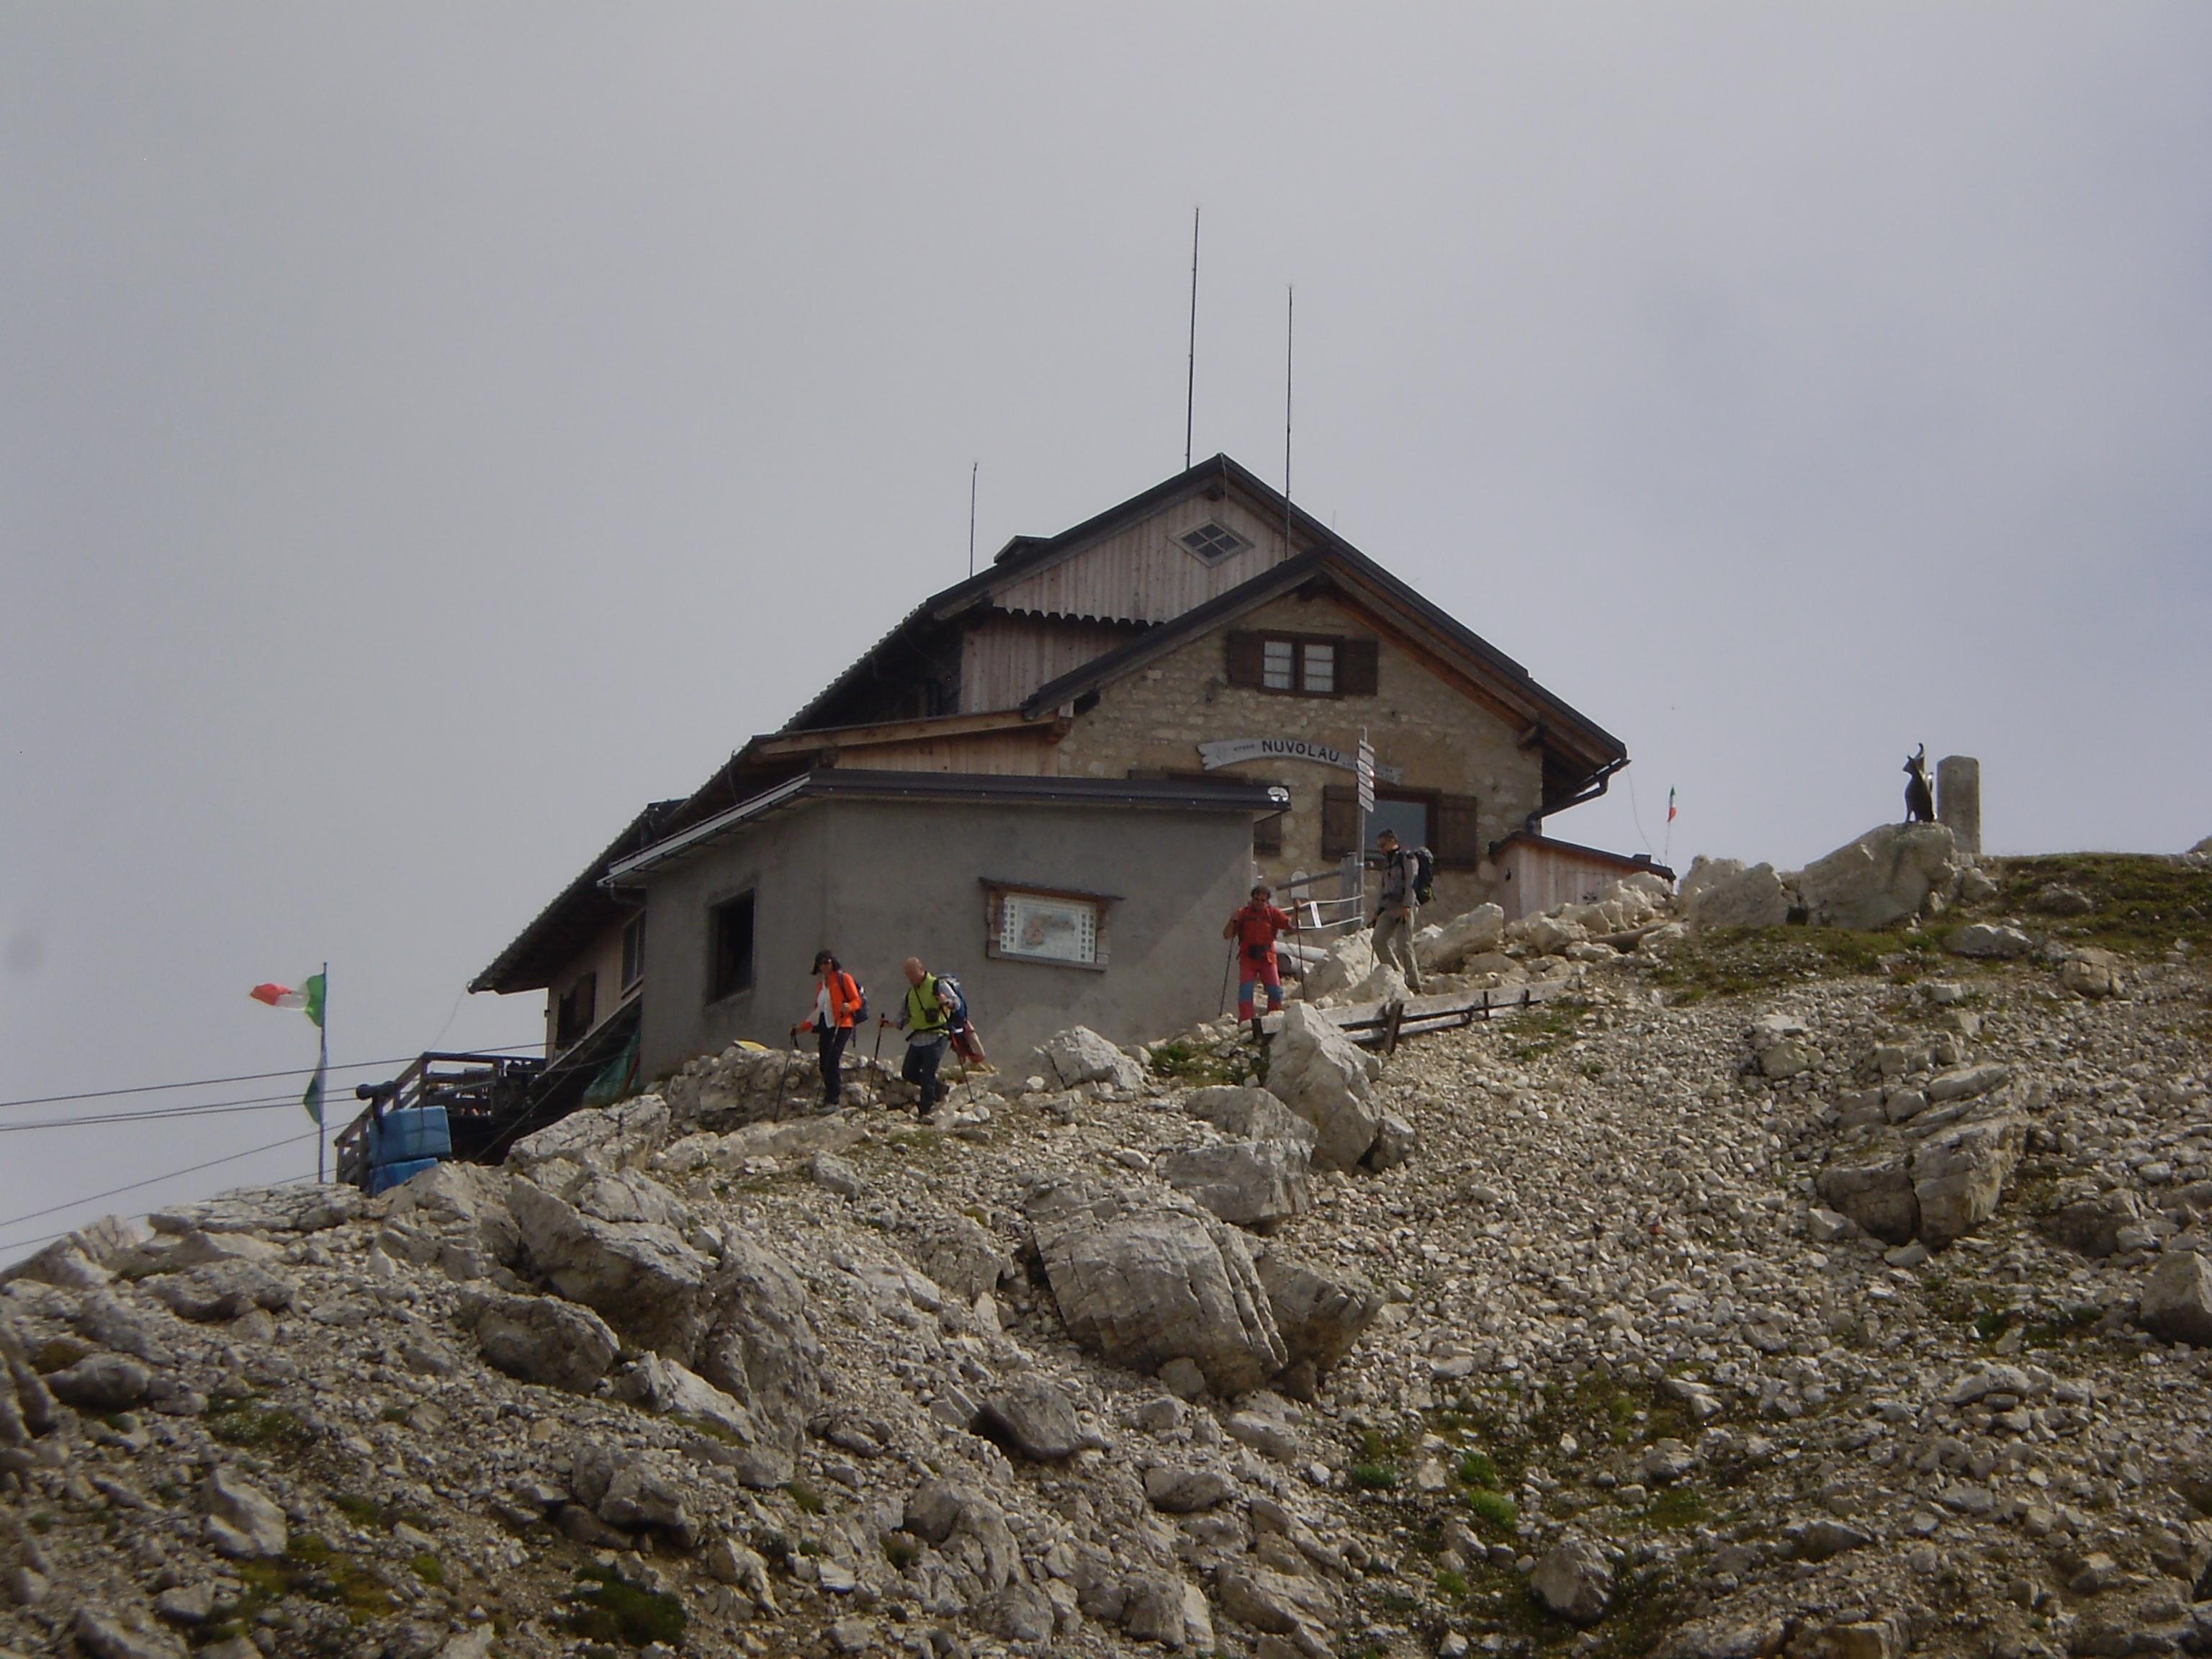 Rifugio Nuvolau - Wikipedia